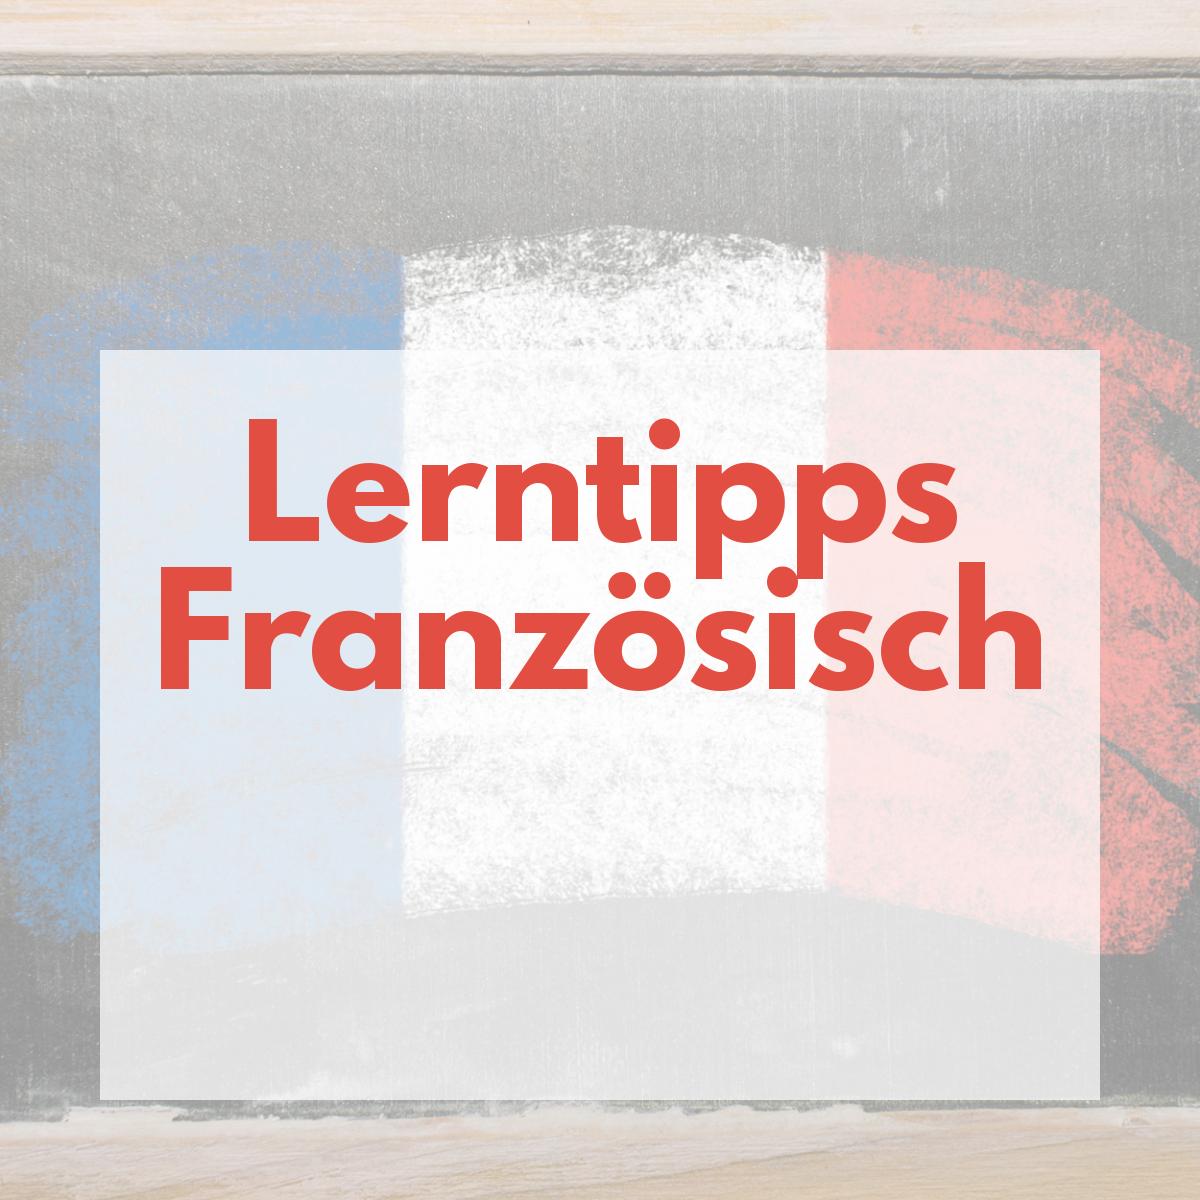 Lerntipps Französich Es Geht Auch Einfach Mit Nachgeholfende